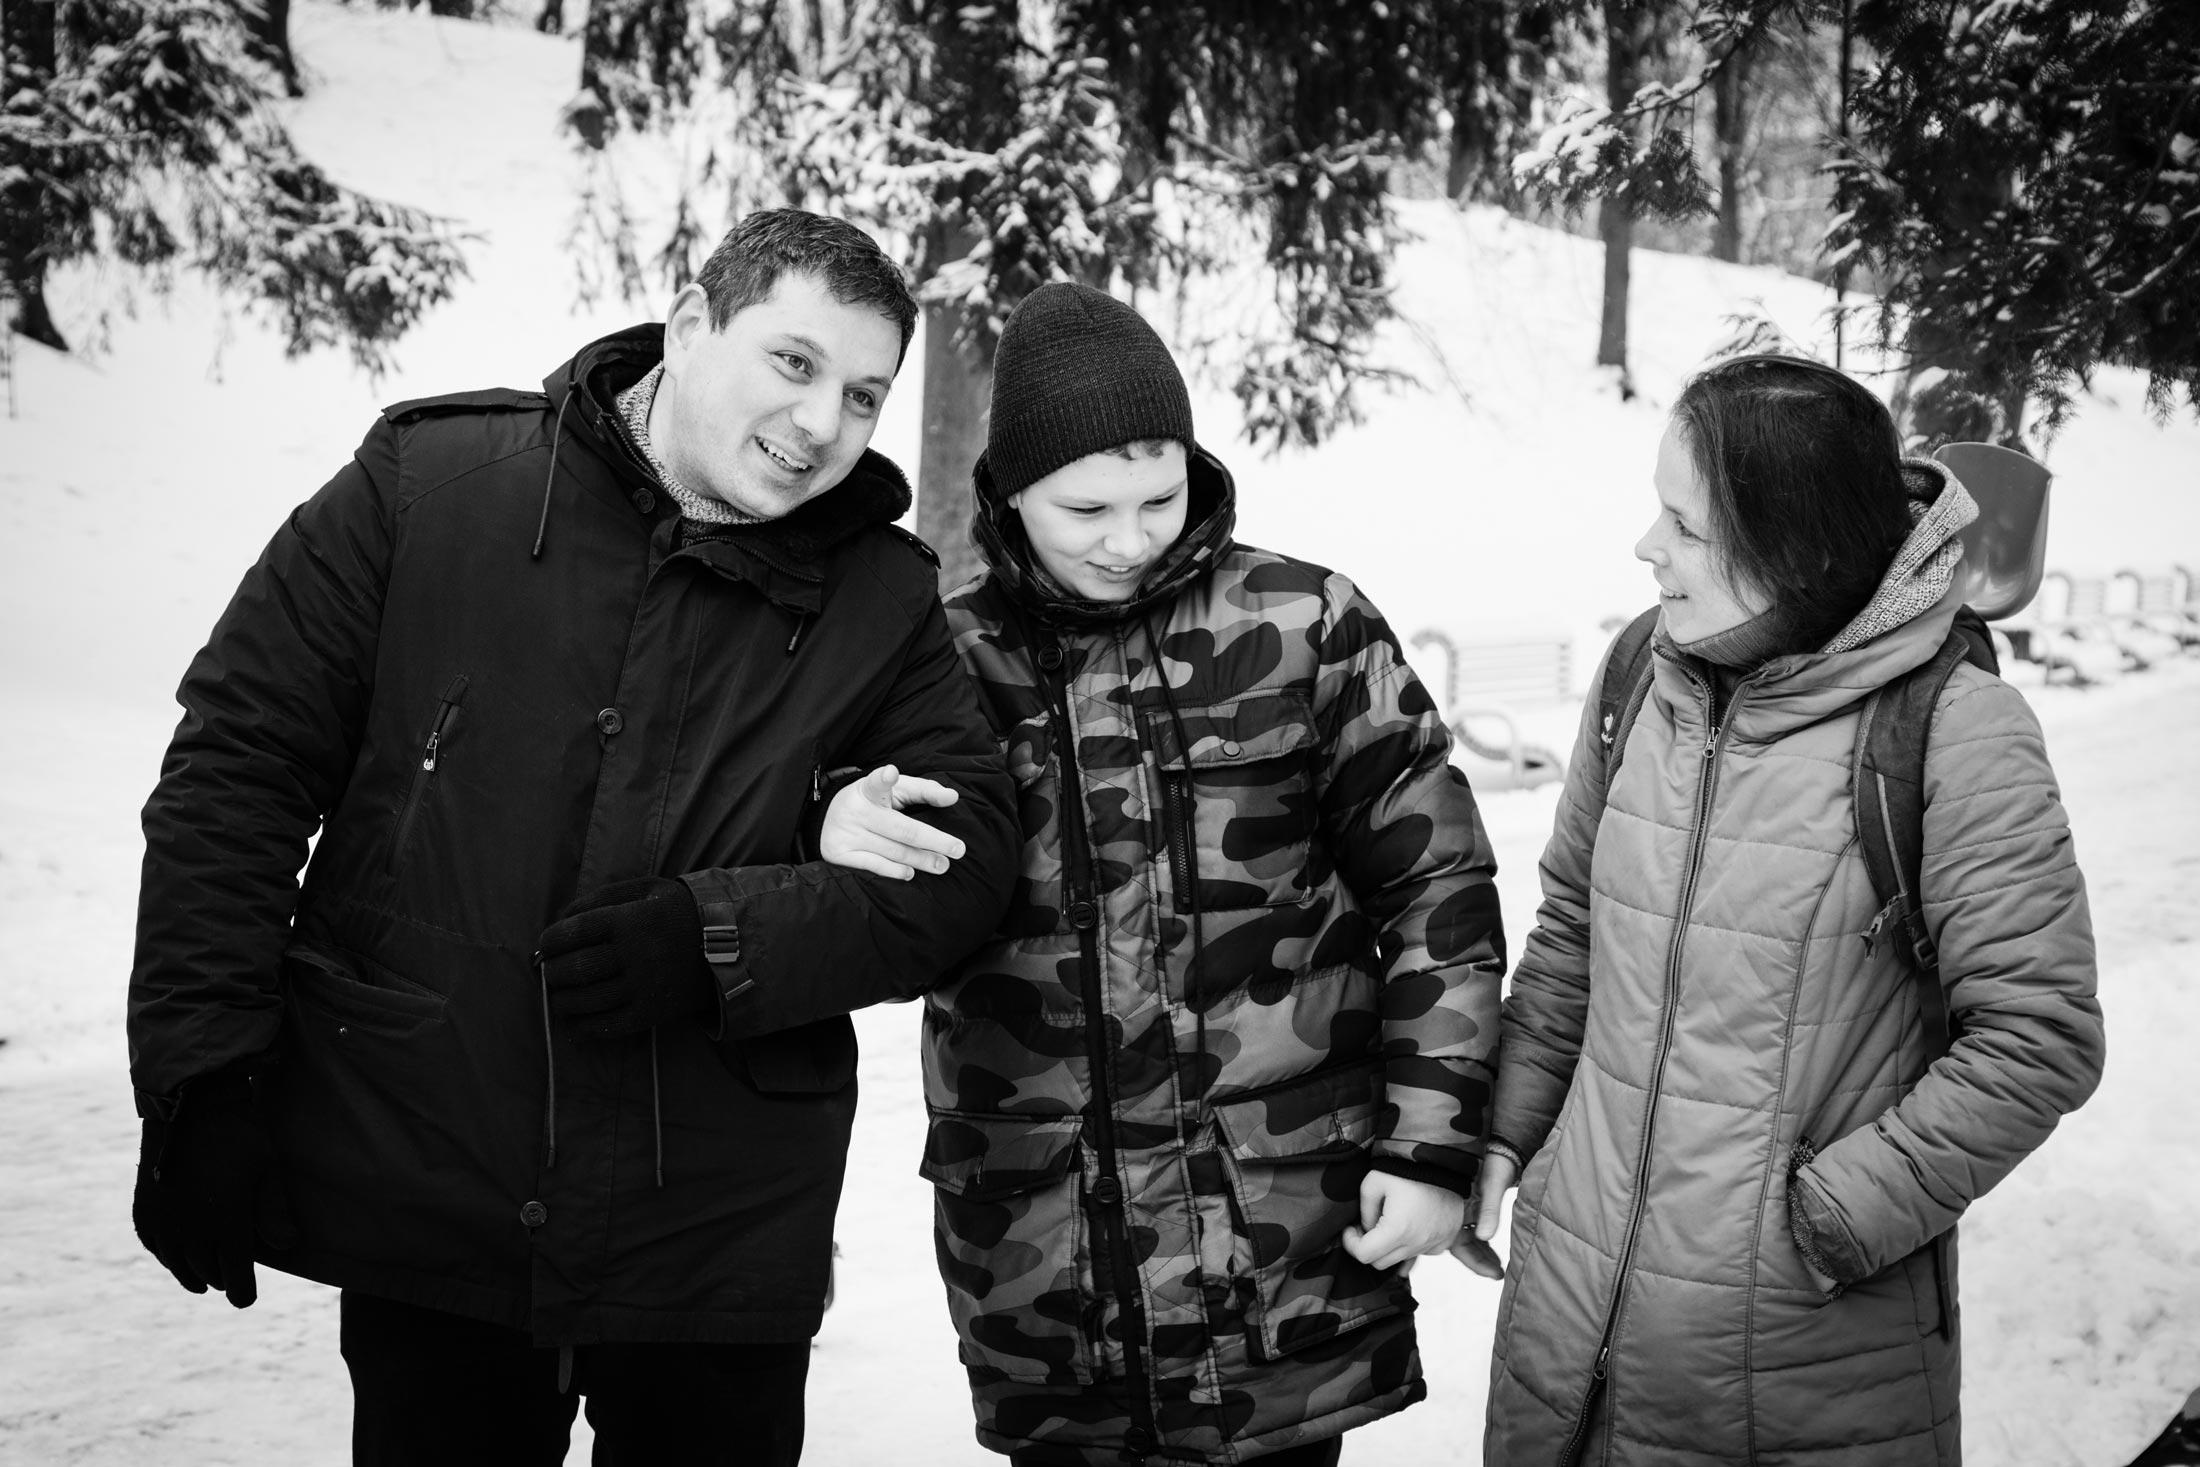 yulia pakulova trocka 06 - <b>Таке життя.</b> Як спілкуватися із батьками дітей з особливими потребами й не перетворювати розмову на щось особливе - Заборона